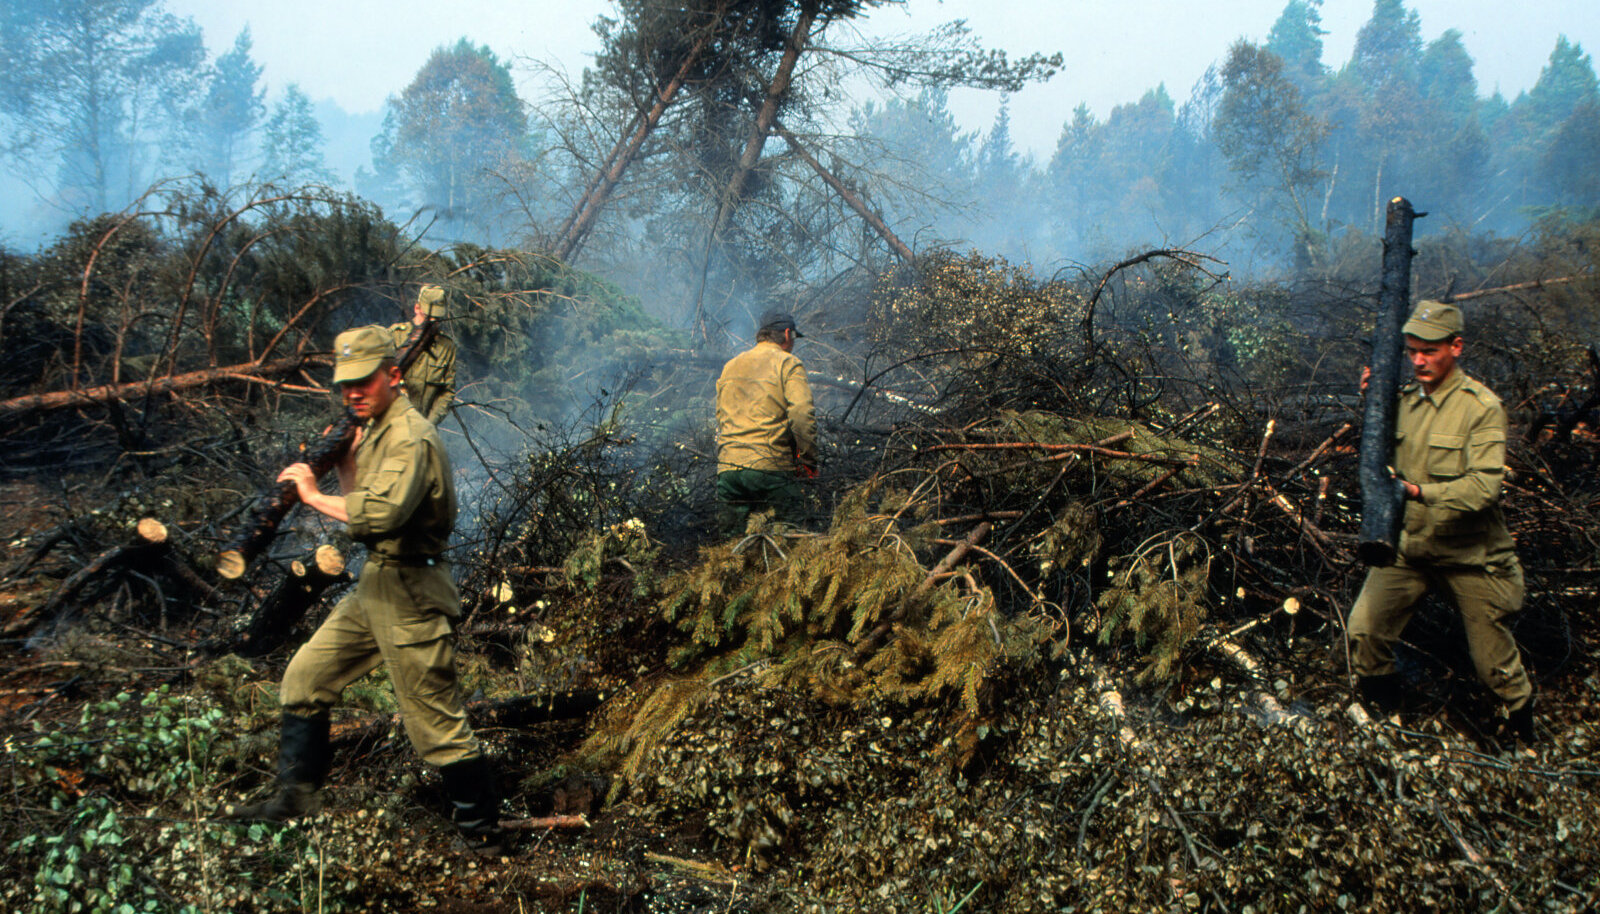 Metsa kustutama tulnud sisekaitserügemendi ajateenijad suunati raietööle. Kuuldavasti olevat ajateenijad solvunud, et neid tule kustutamise asemel metsa langetama pandi.